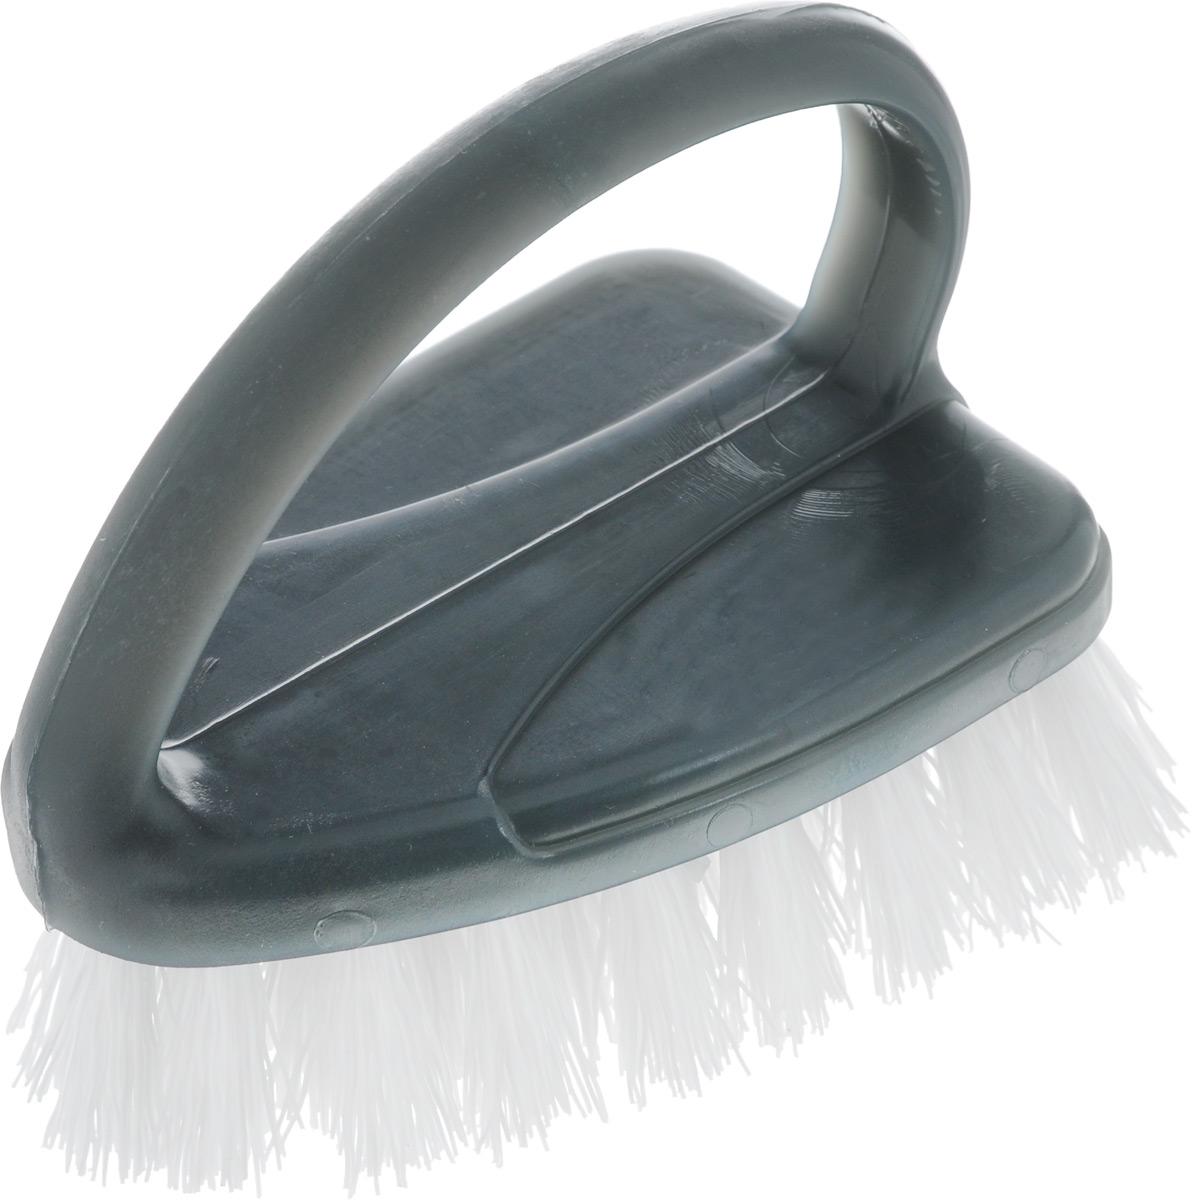 Щетка для одежды Svip Утюжок Мини, цвет: серебряный, белый, 9,5 х 6 х 8,5 смSV3029СБЩетка Svip Утюжок Мини, изготовлена из высокопрочного пластика ипредназначена для удаления ворсинок, волос, пыли и шерсти животных, с различныхповерхностей. Может использоваться для мягкой мебели и салона автомобиля.Ручка, расположенная сверху, сделана как у утюжка, которая обеспечивает удобство при работе сней.Щетина средней жесткости не повреждает поверхность. Благодаря качественной щетине, щетка прослужит долгое время. Щетка Svip Утюжок Мини, станет незаменимым аксессуаром в вашем доме или автомобиле.Длина щетины: 2,5 см, Размер щетки: 9,5 х 6 х 8,5 см.